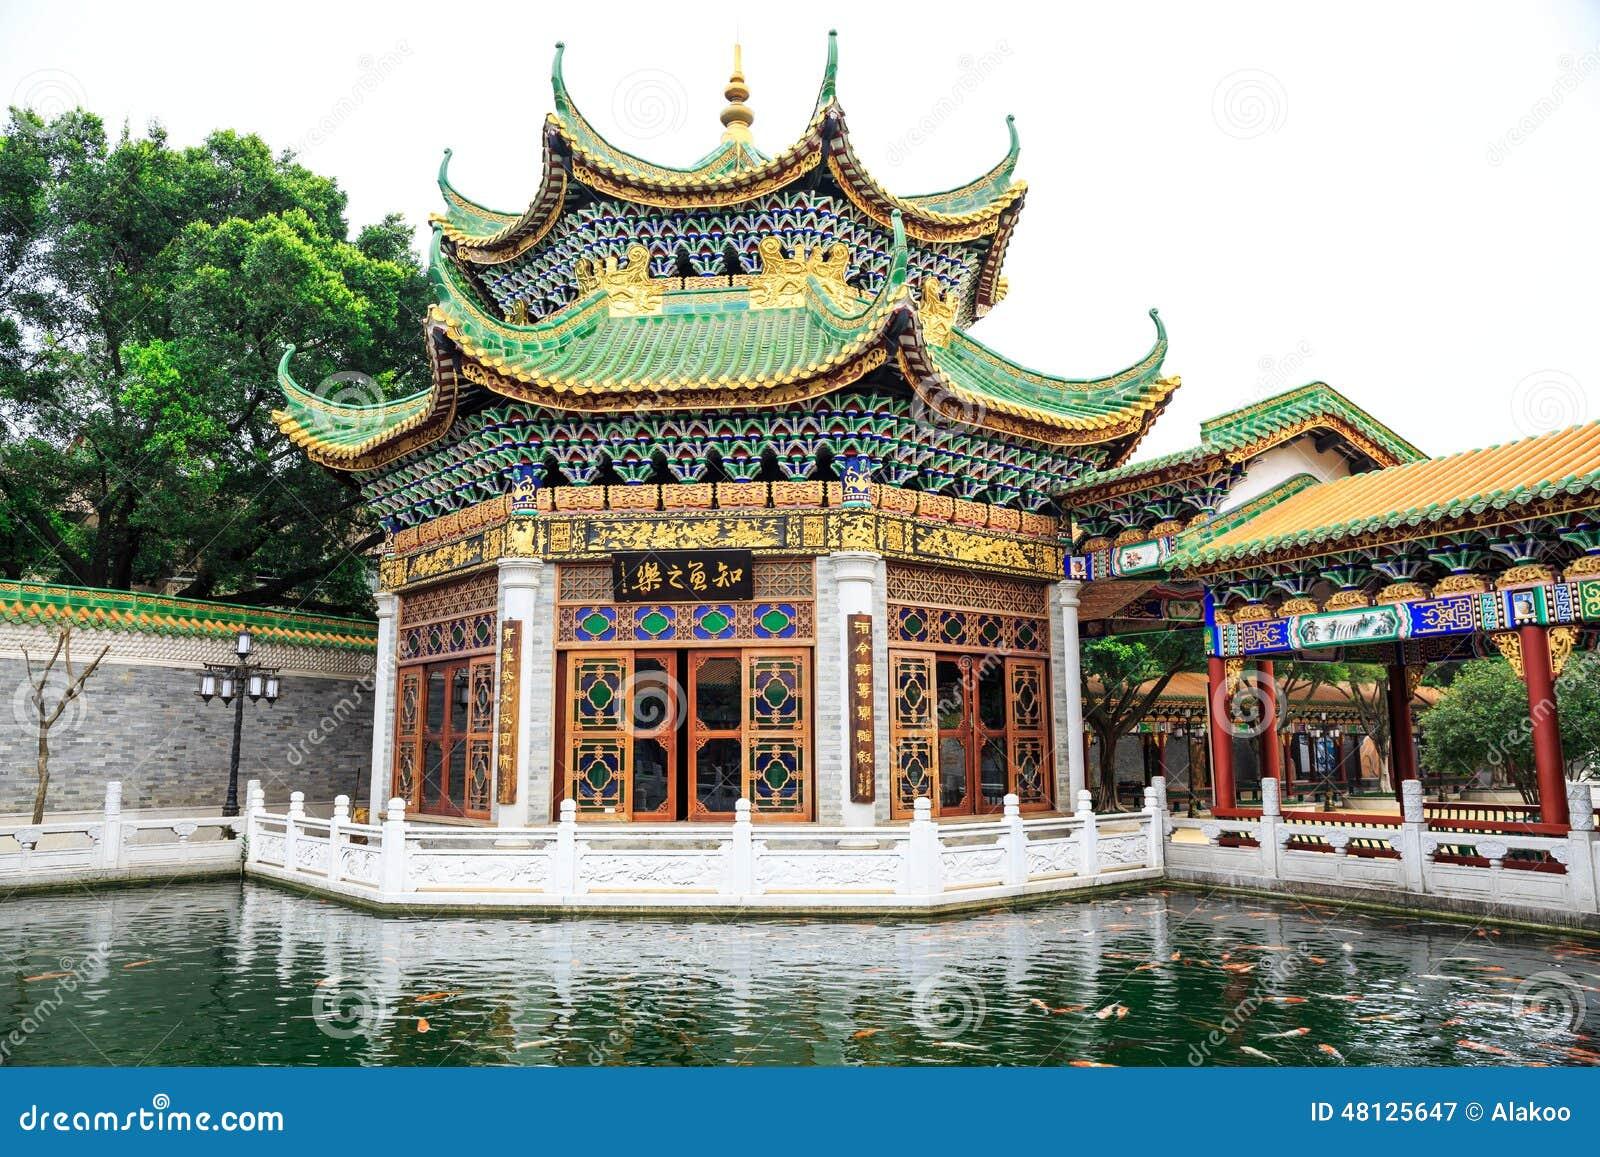 Casa del cinese tradizionale in giardino cinese antico for Giardino cinese